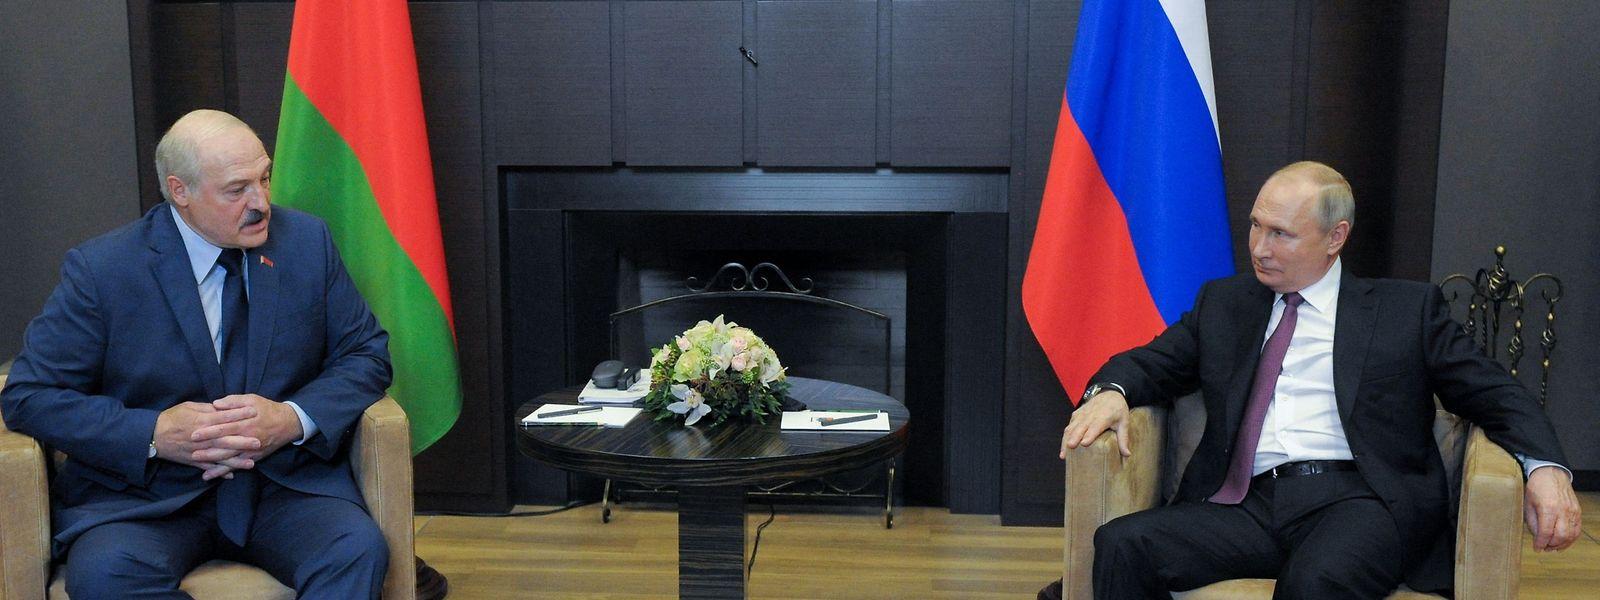 Der russische Präsident Vladimir Putin (rechts) hat sich am Freitag mit dem umstrittenen Präsidenten von Belarus, Alexander Lukaschenko, getroffen.